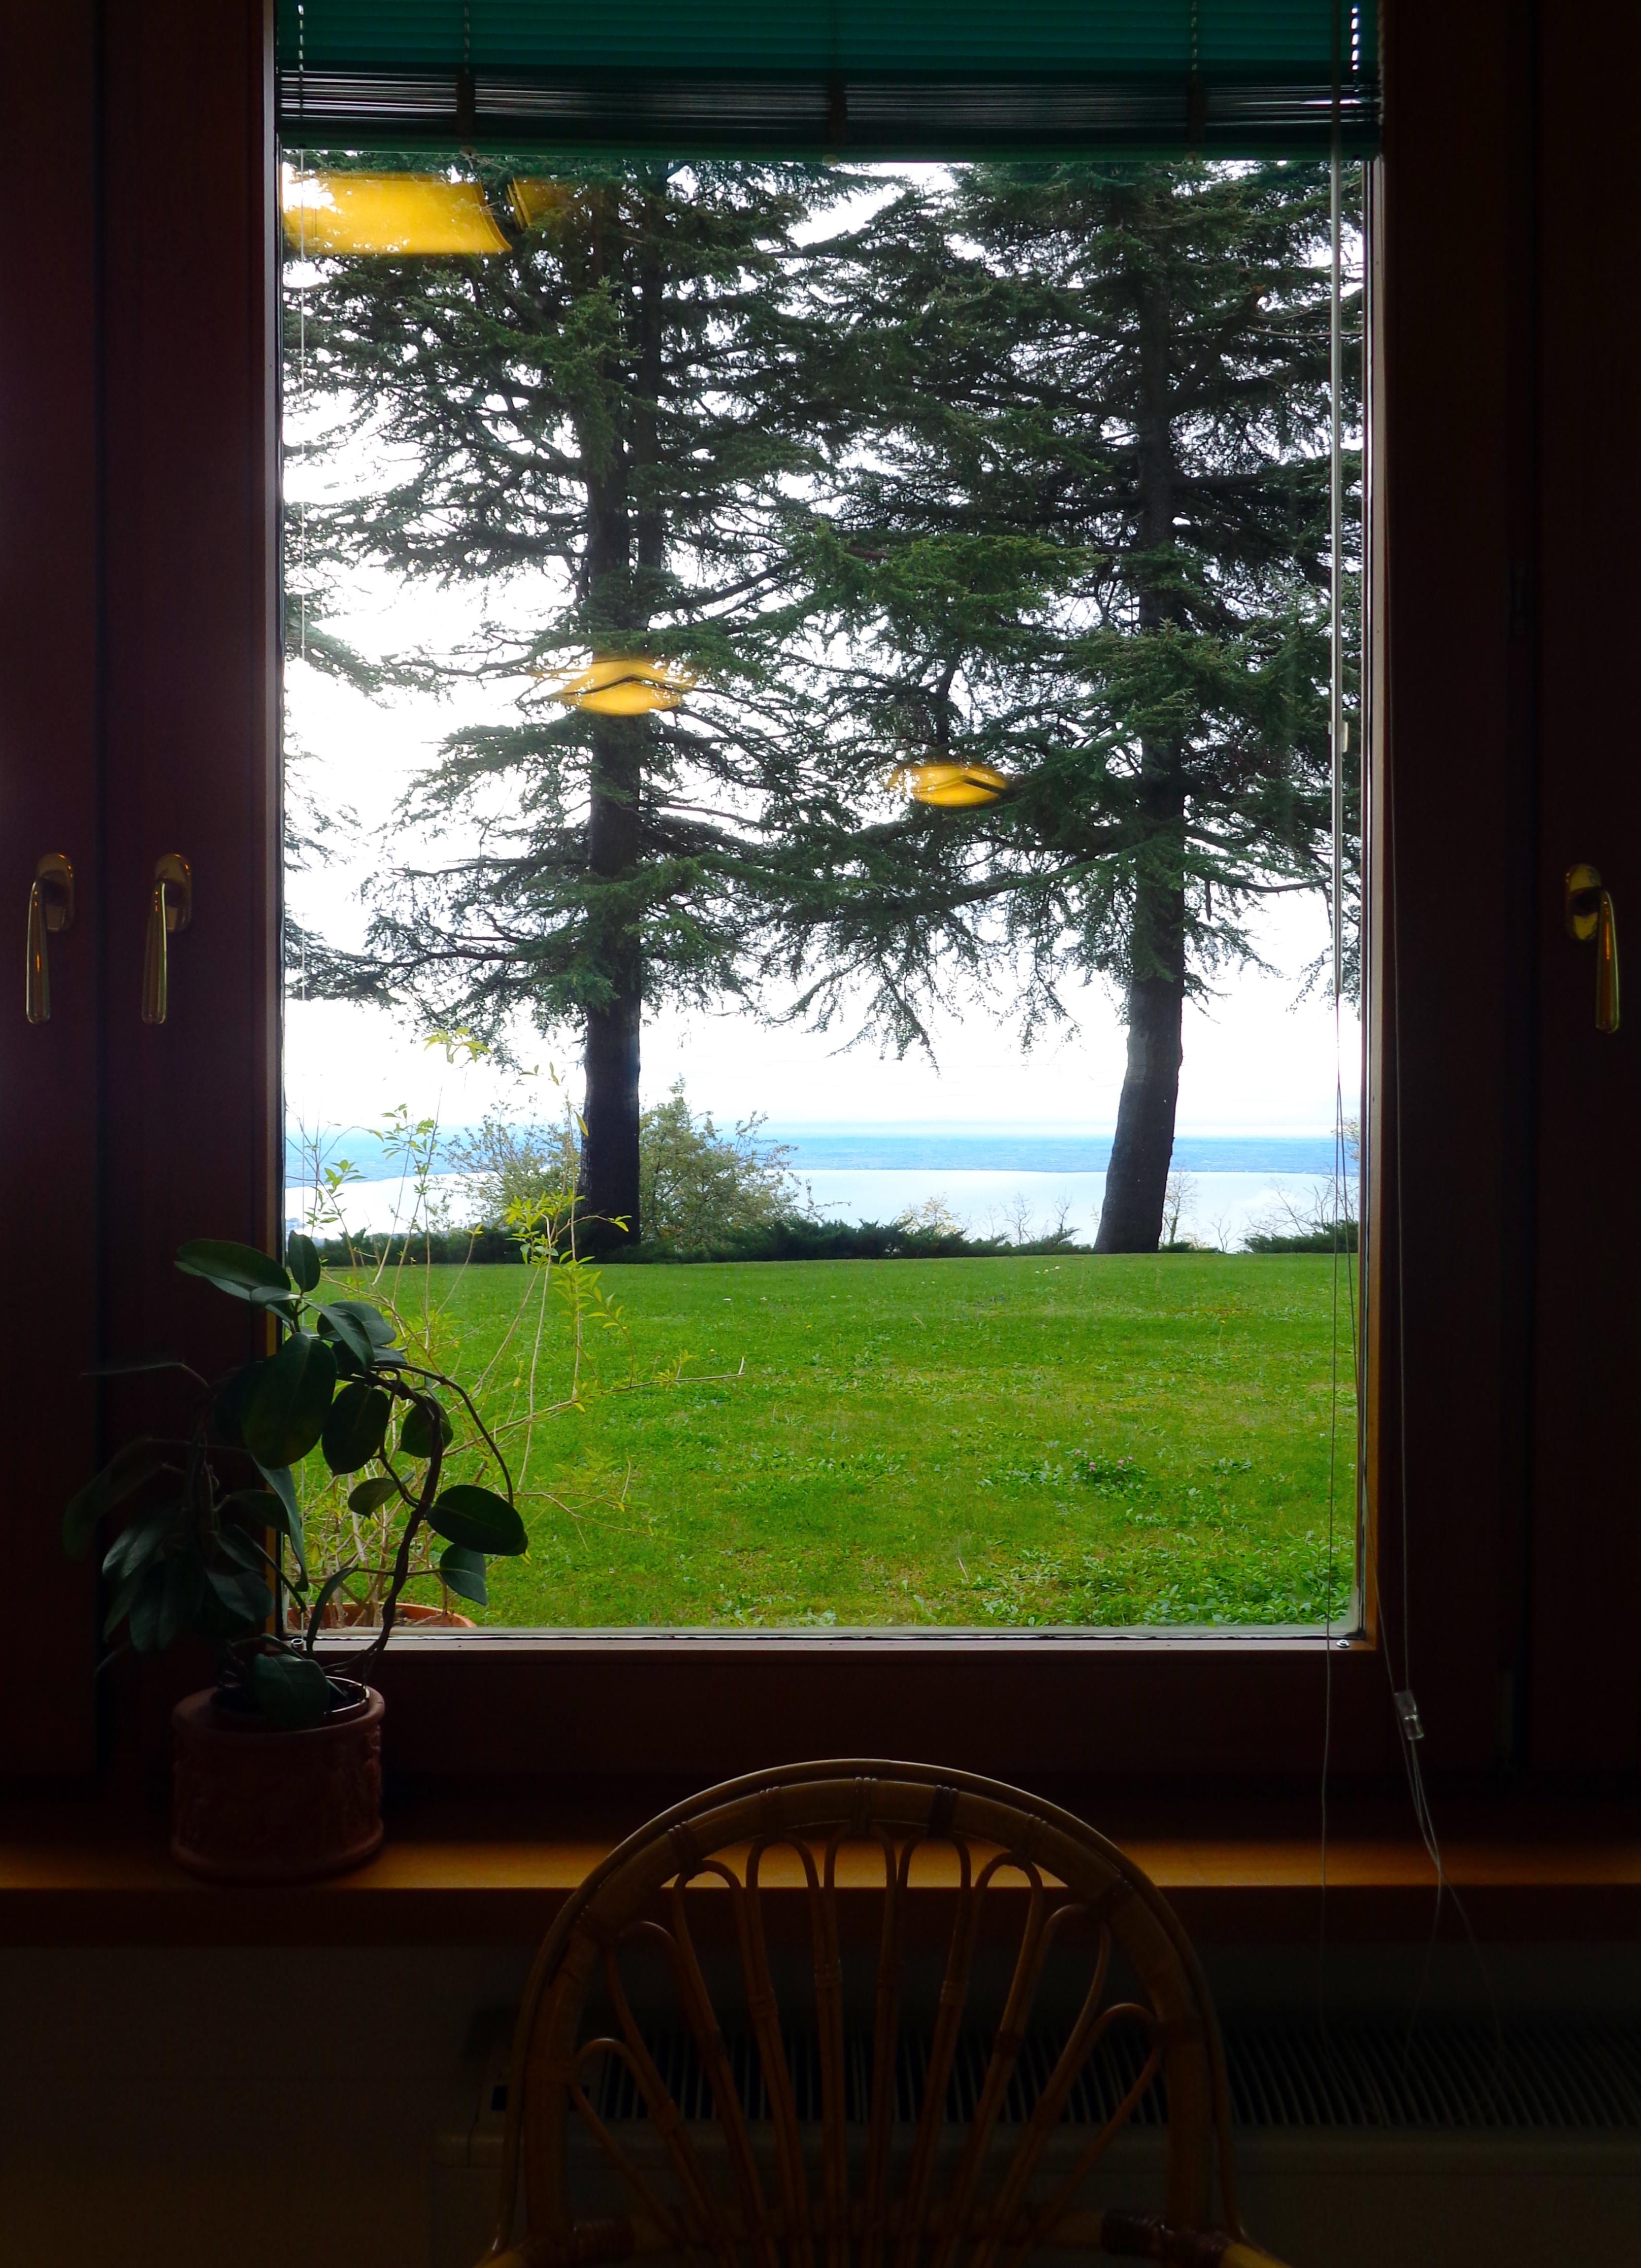 dalla finestra22